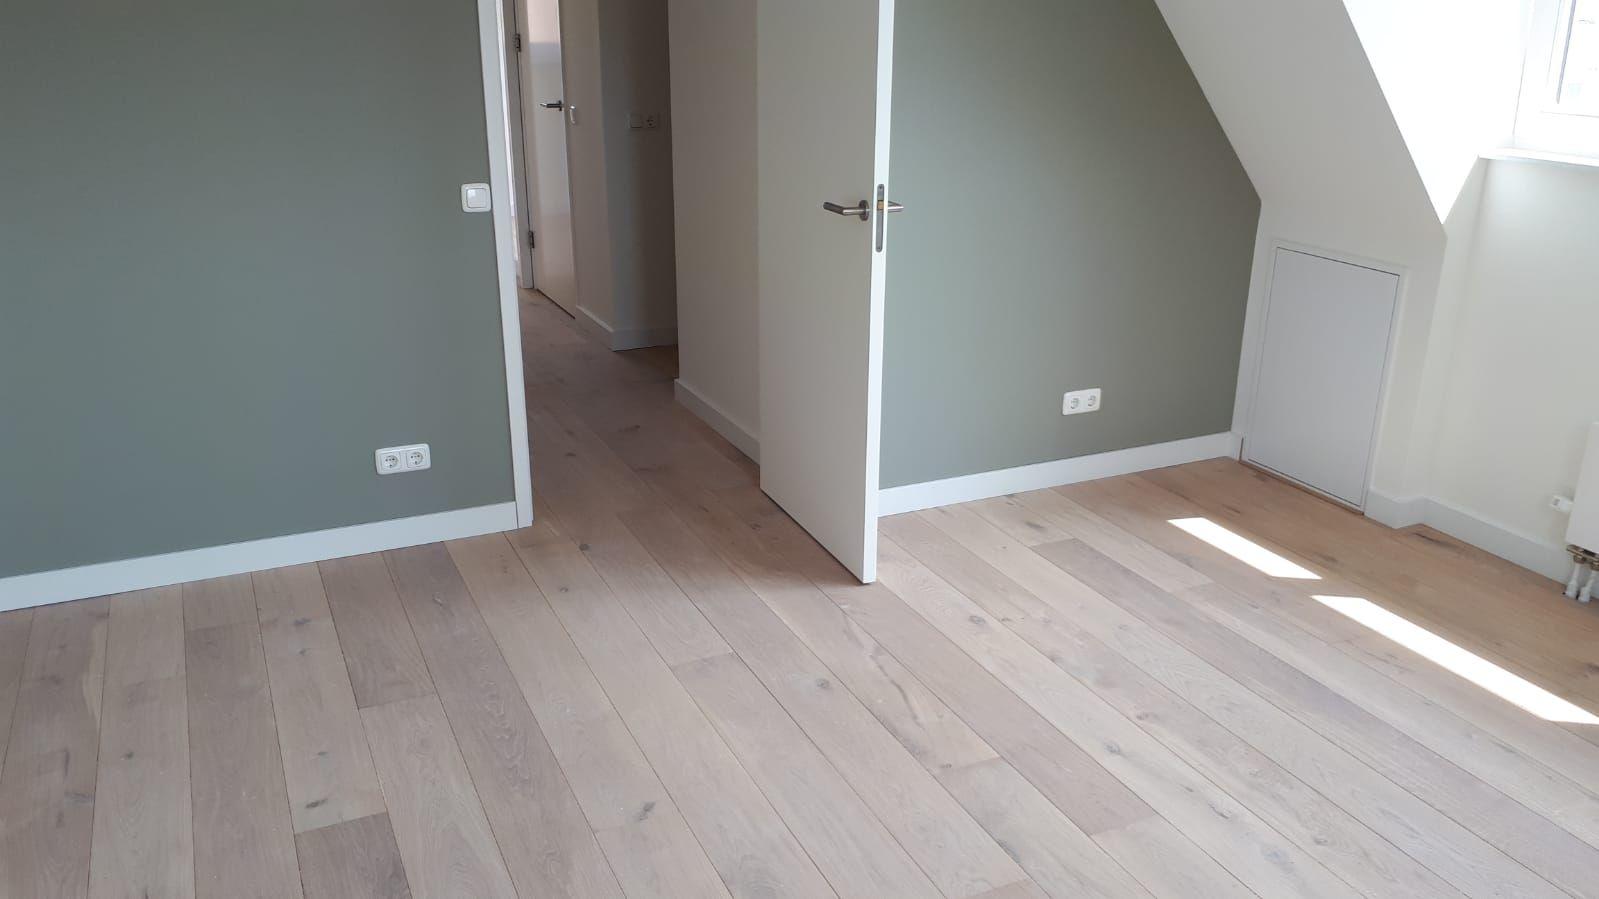 Europees eiken vloer gelegd op de eerste etage van een woning in